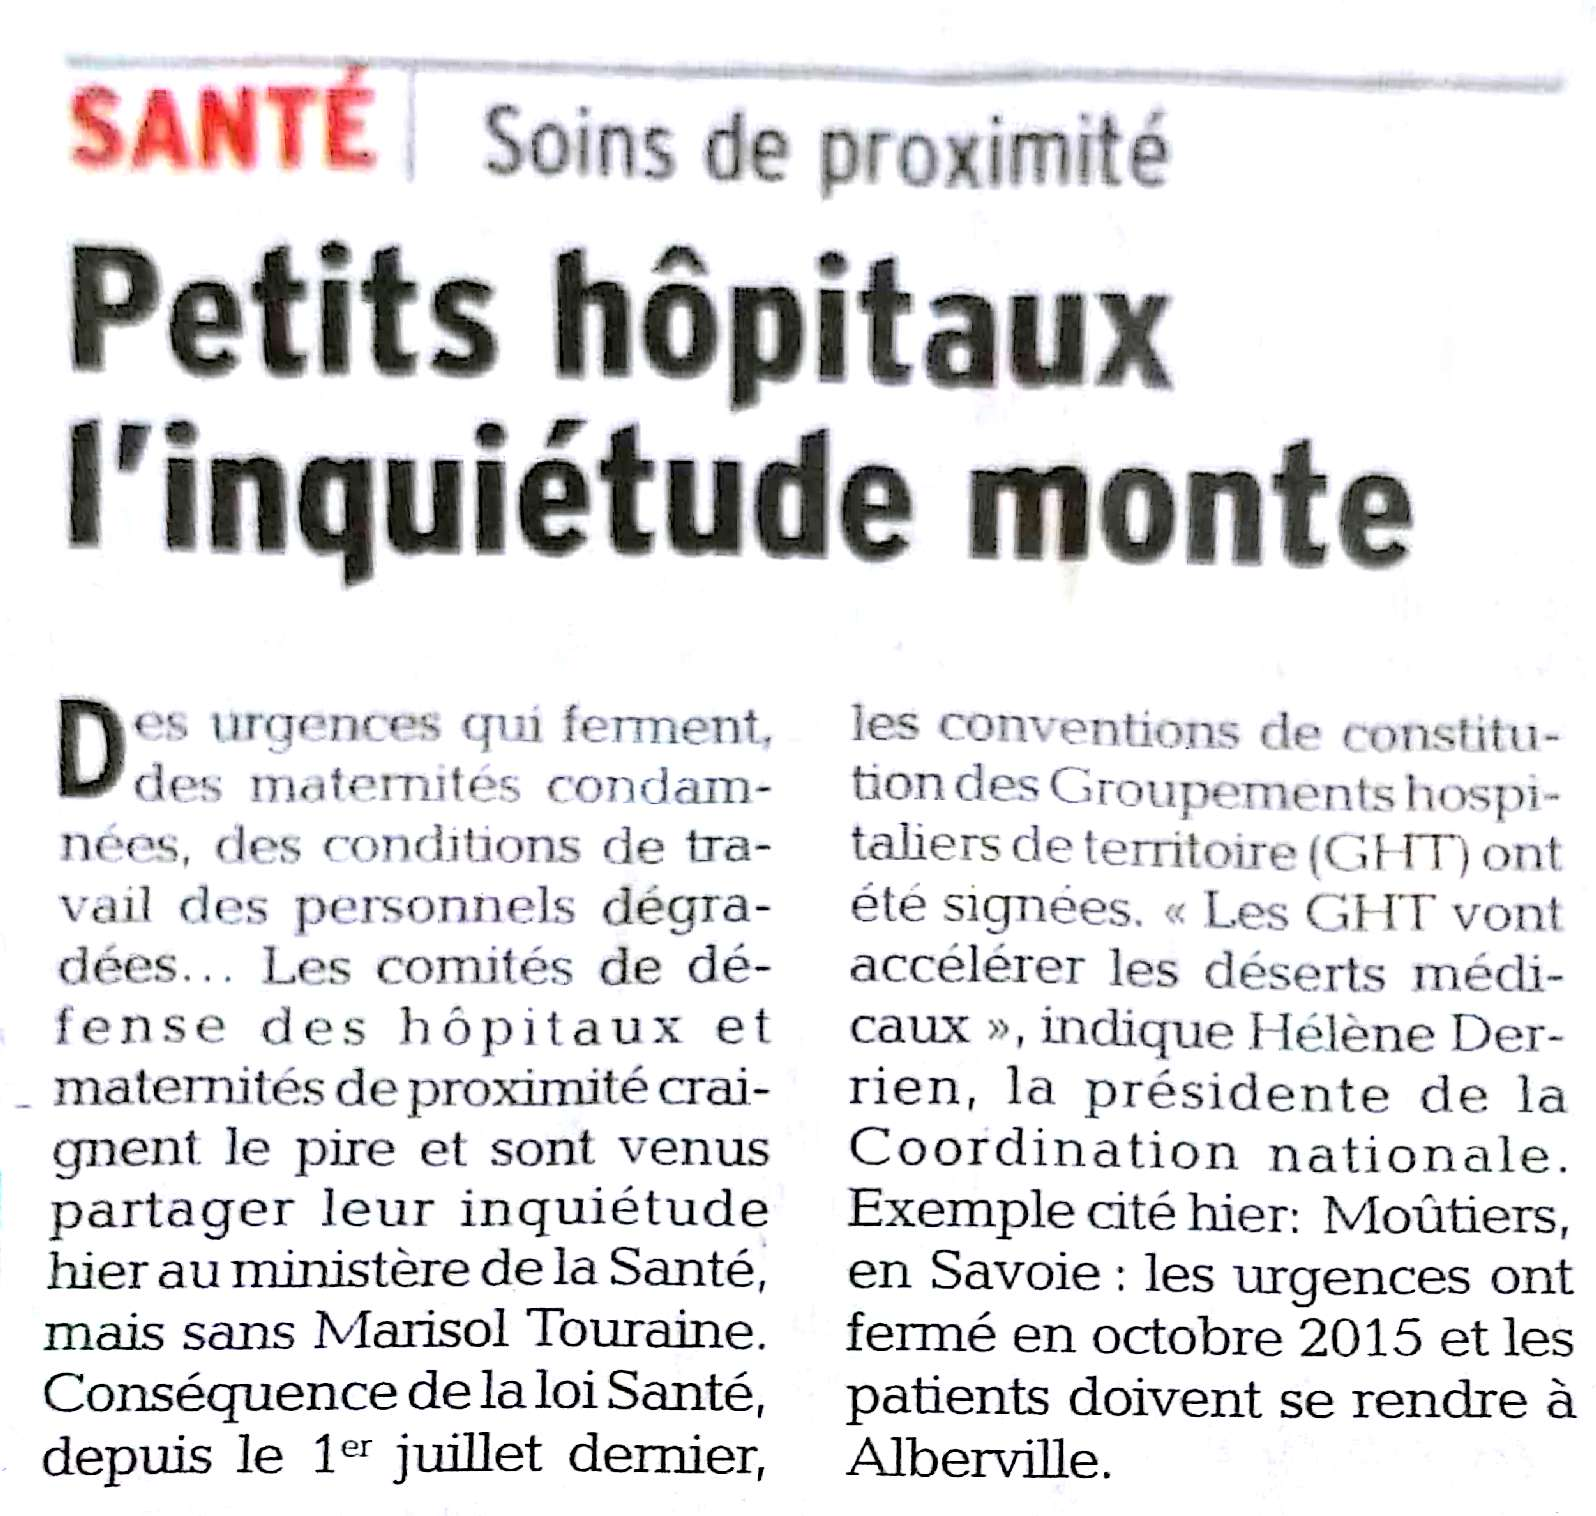 2016-08-17 - Le Dauphiné - Petits hôpitaux, l'inquiétude monte